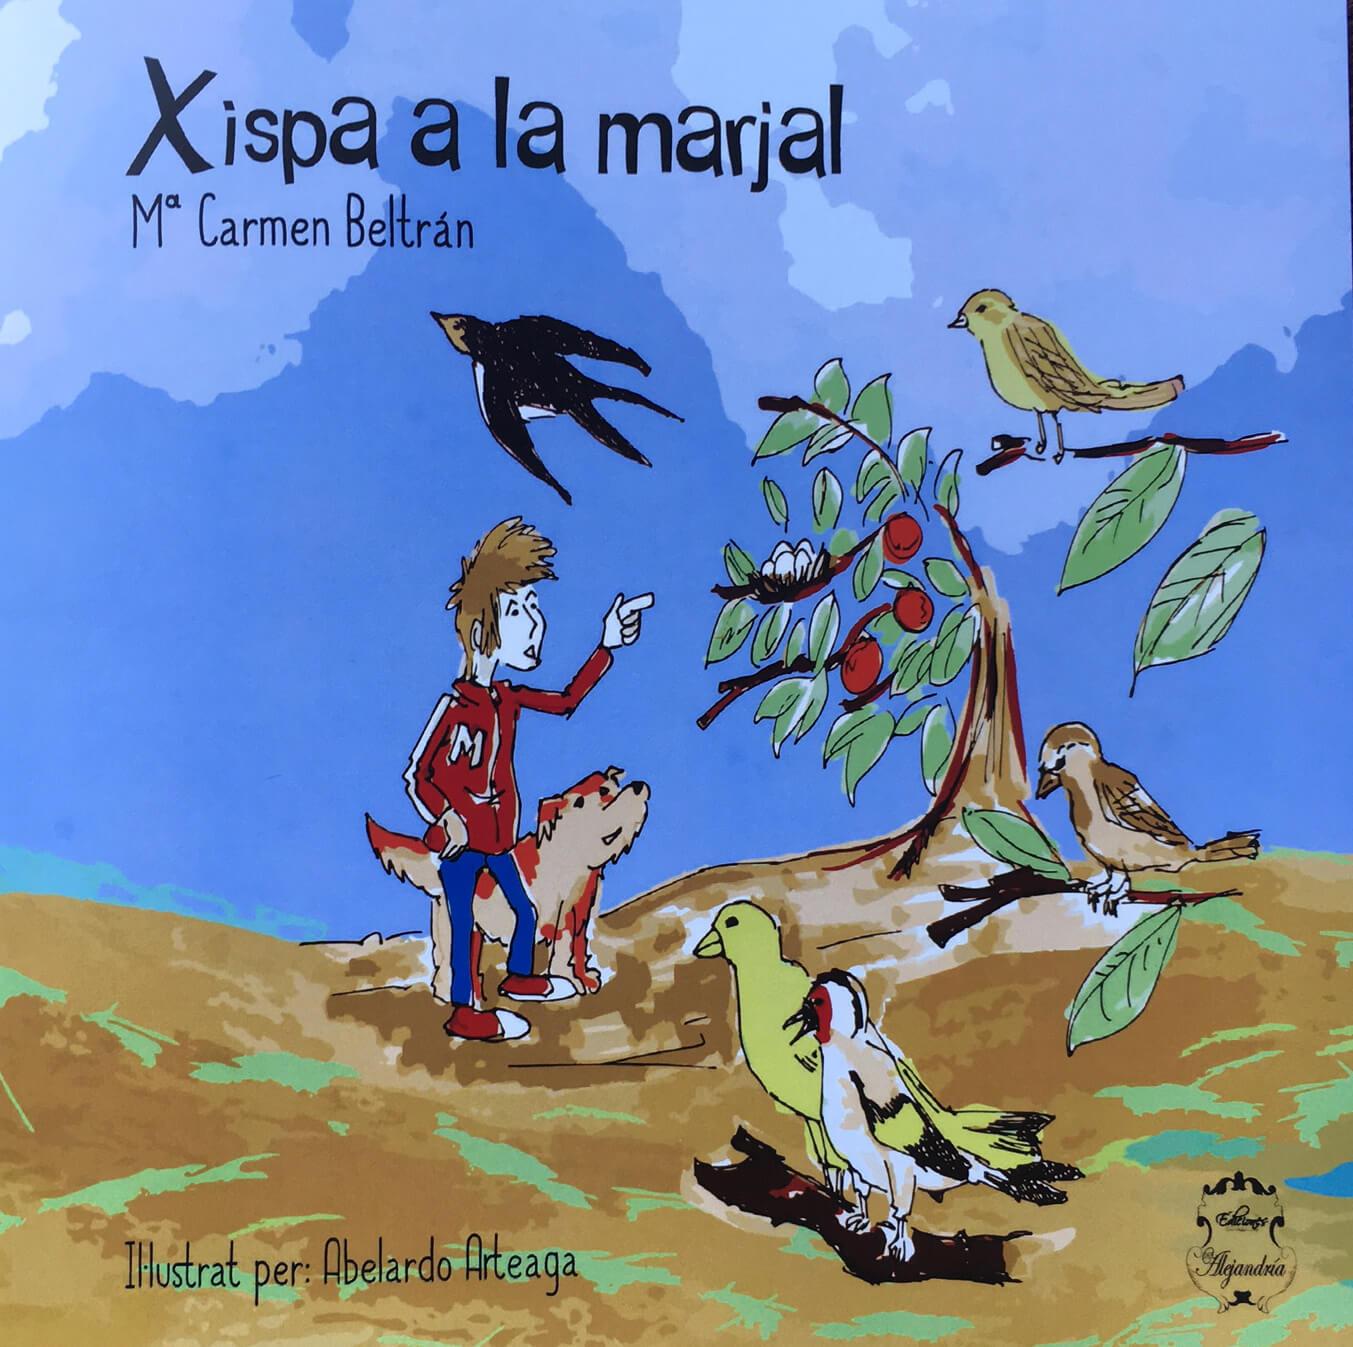 Xispa a la Marjal